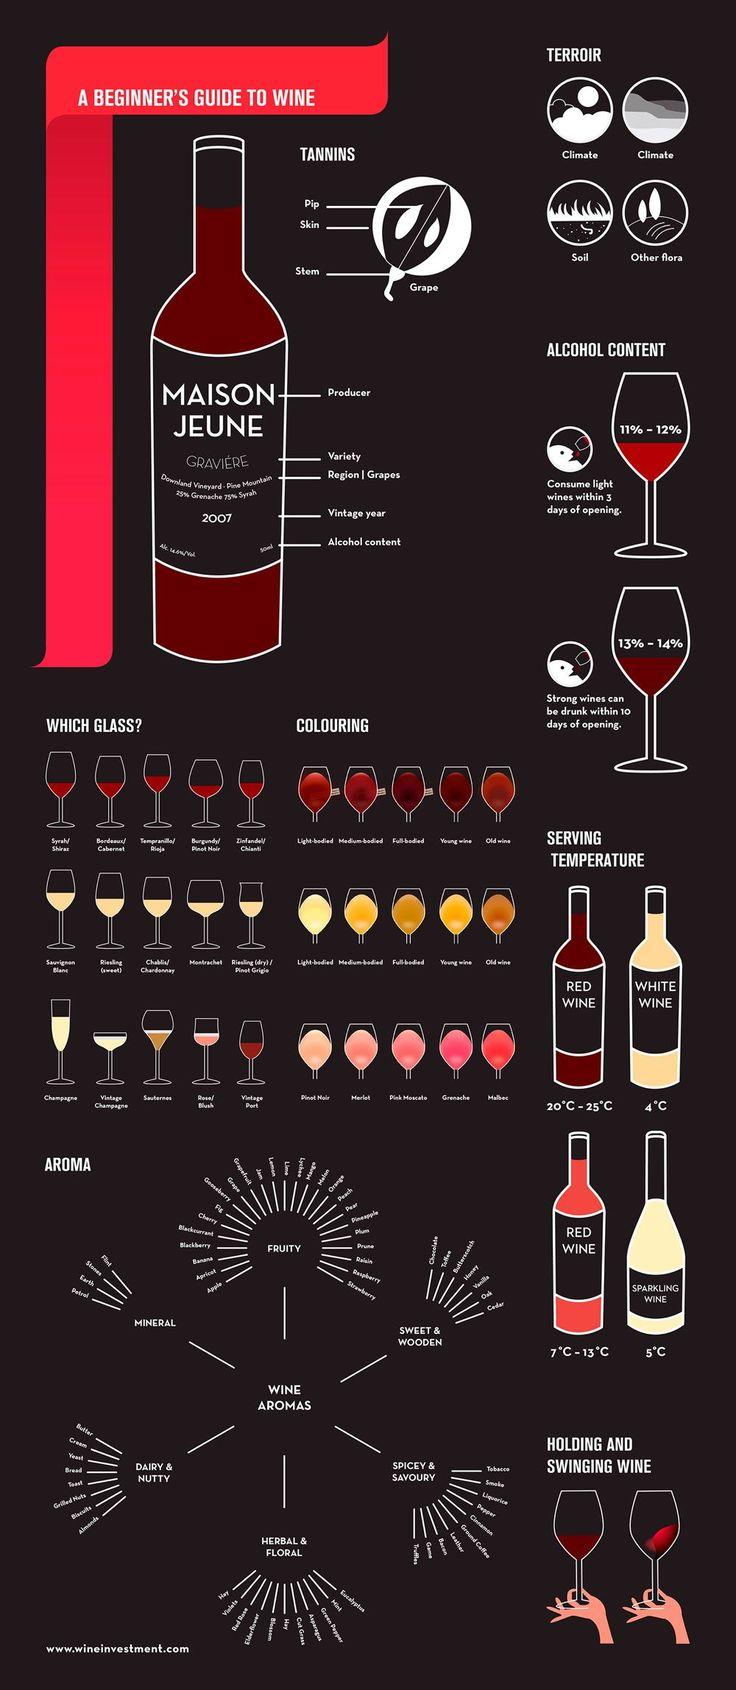 Evrything you need to know about wine! Schmecken muss er trotzdem. Jede Woche neue Weine http://show.vinovademecum.com